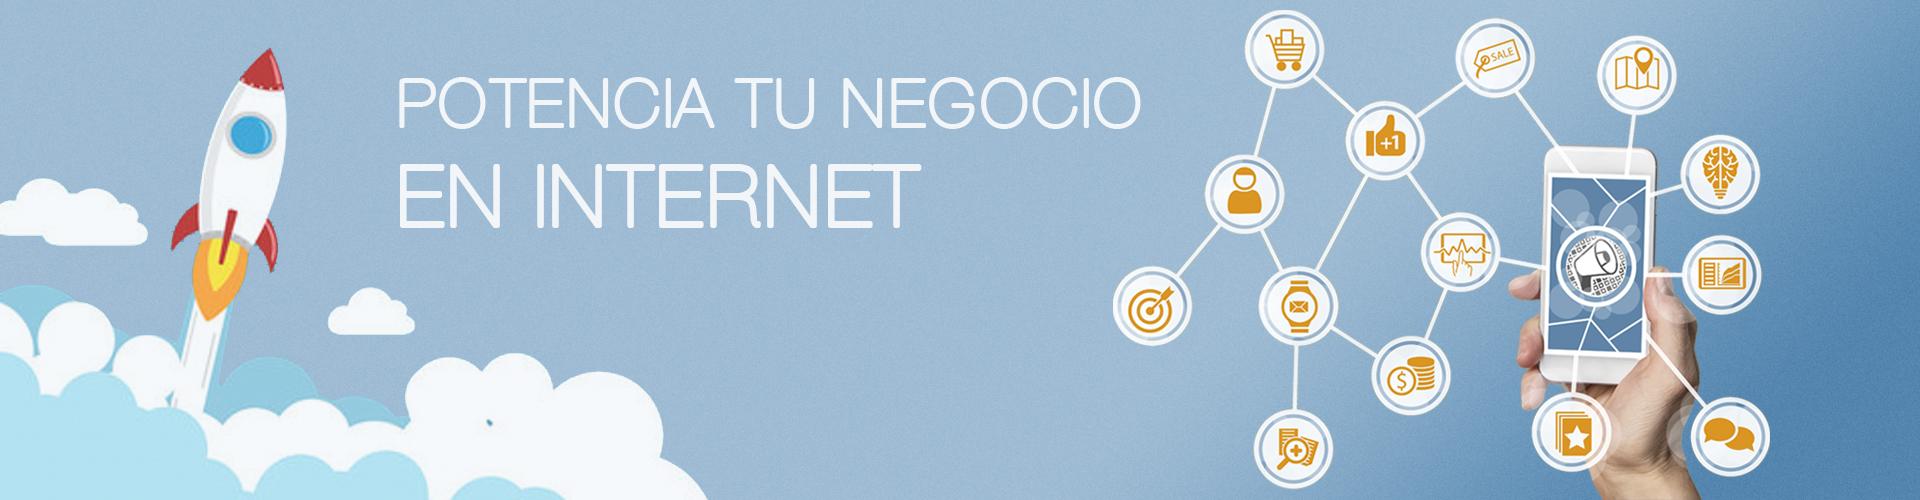 Teconsite. Potencia tu negocio en internet